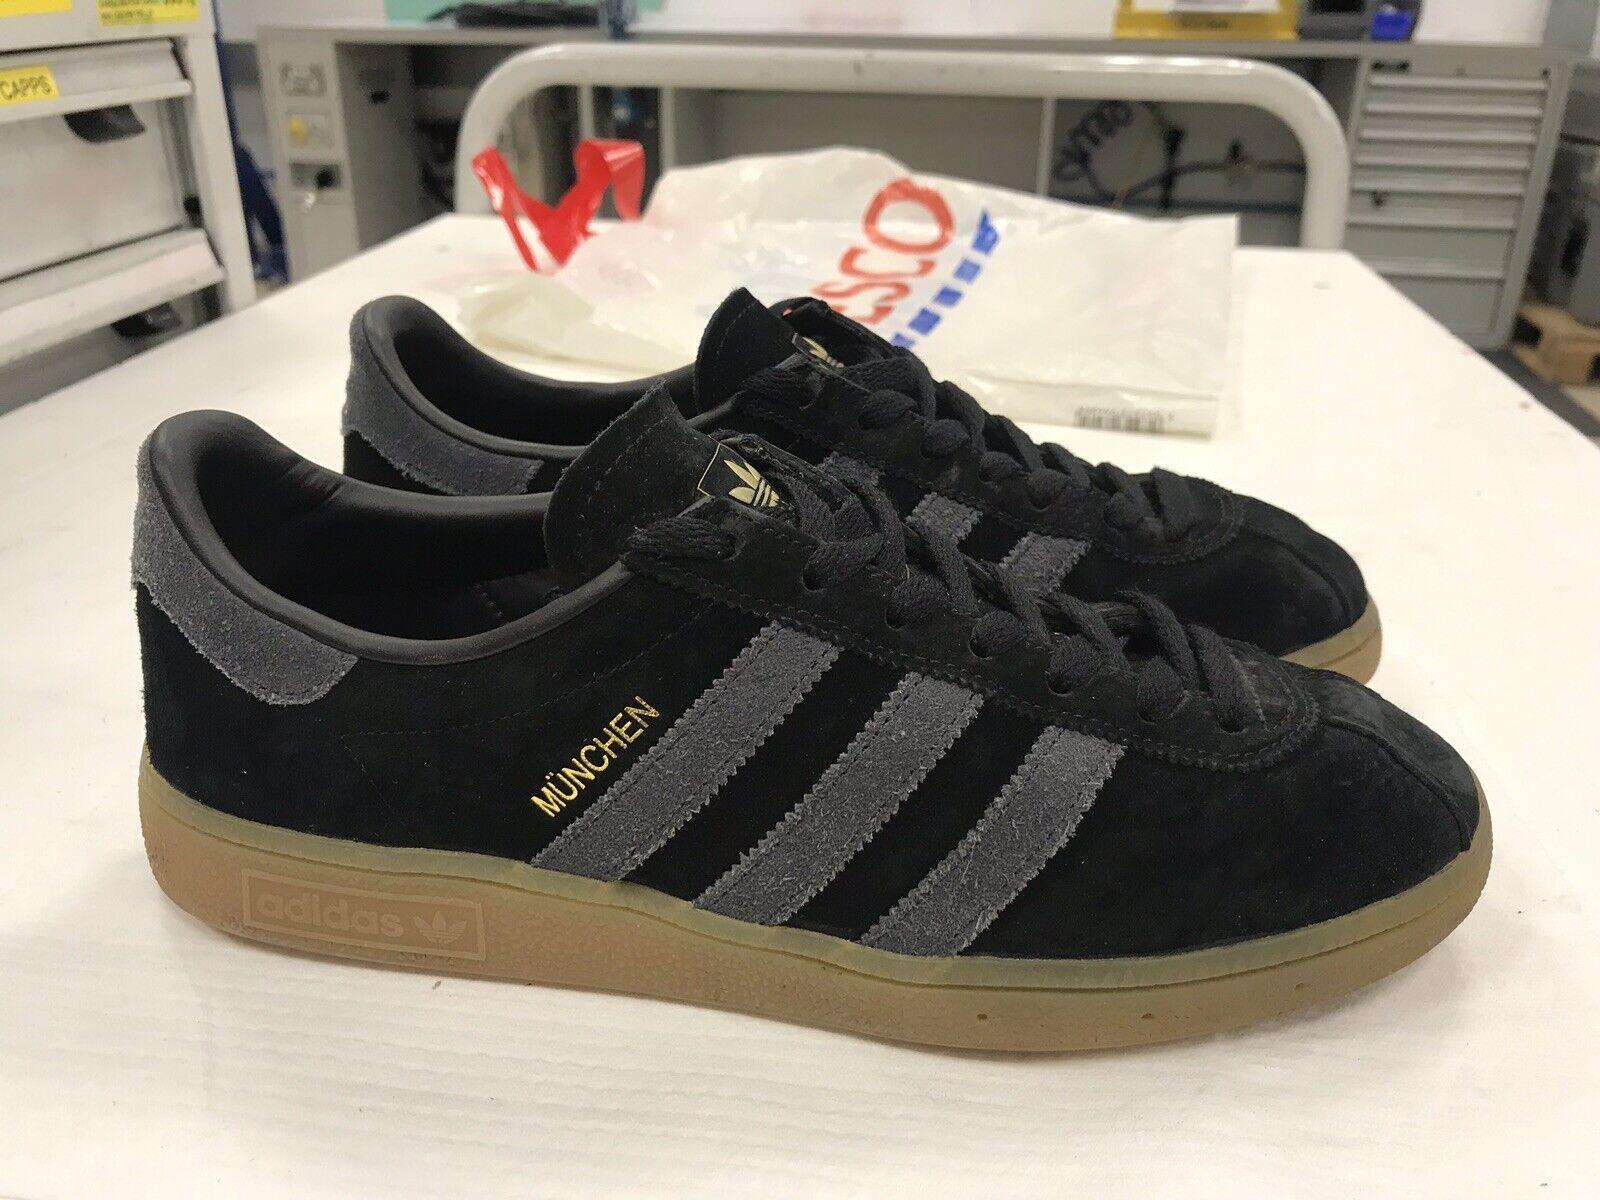 Adidas Adidas Adidas münchen formatori 8 nero con strisce grigio | Qualità Primacy  1317cc